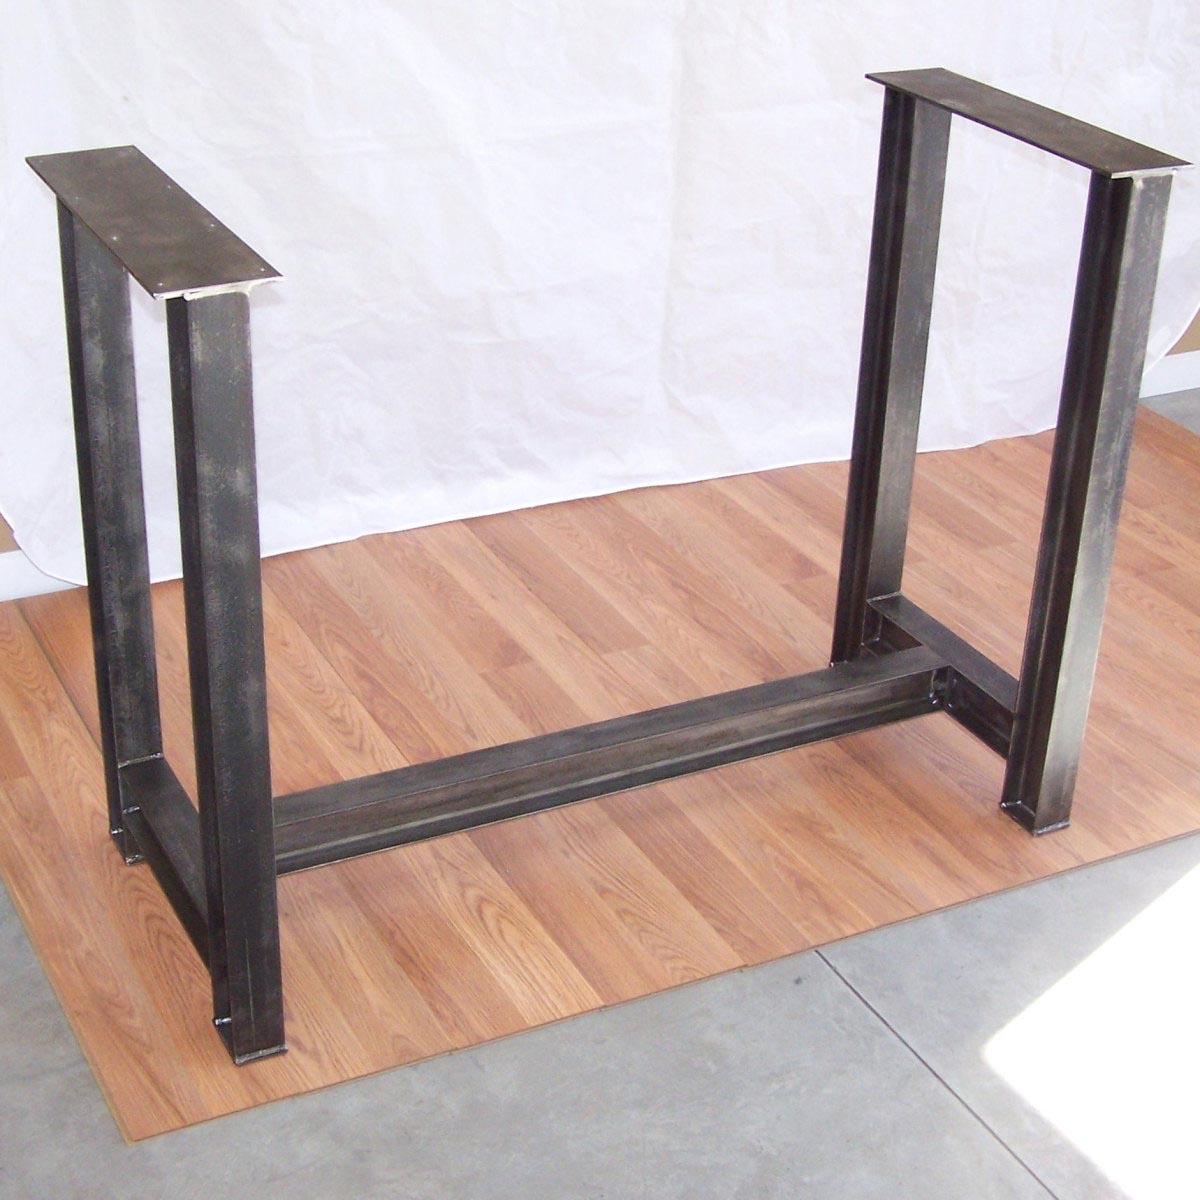 Adjustable Metal Furniture 60mm 80mm 100mm 120mm 180mm 250mm 300mm Height Adjustable